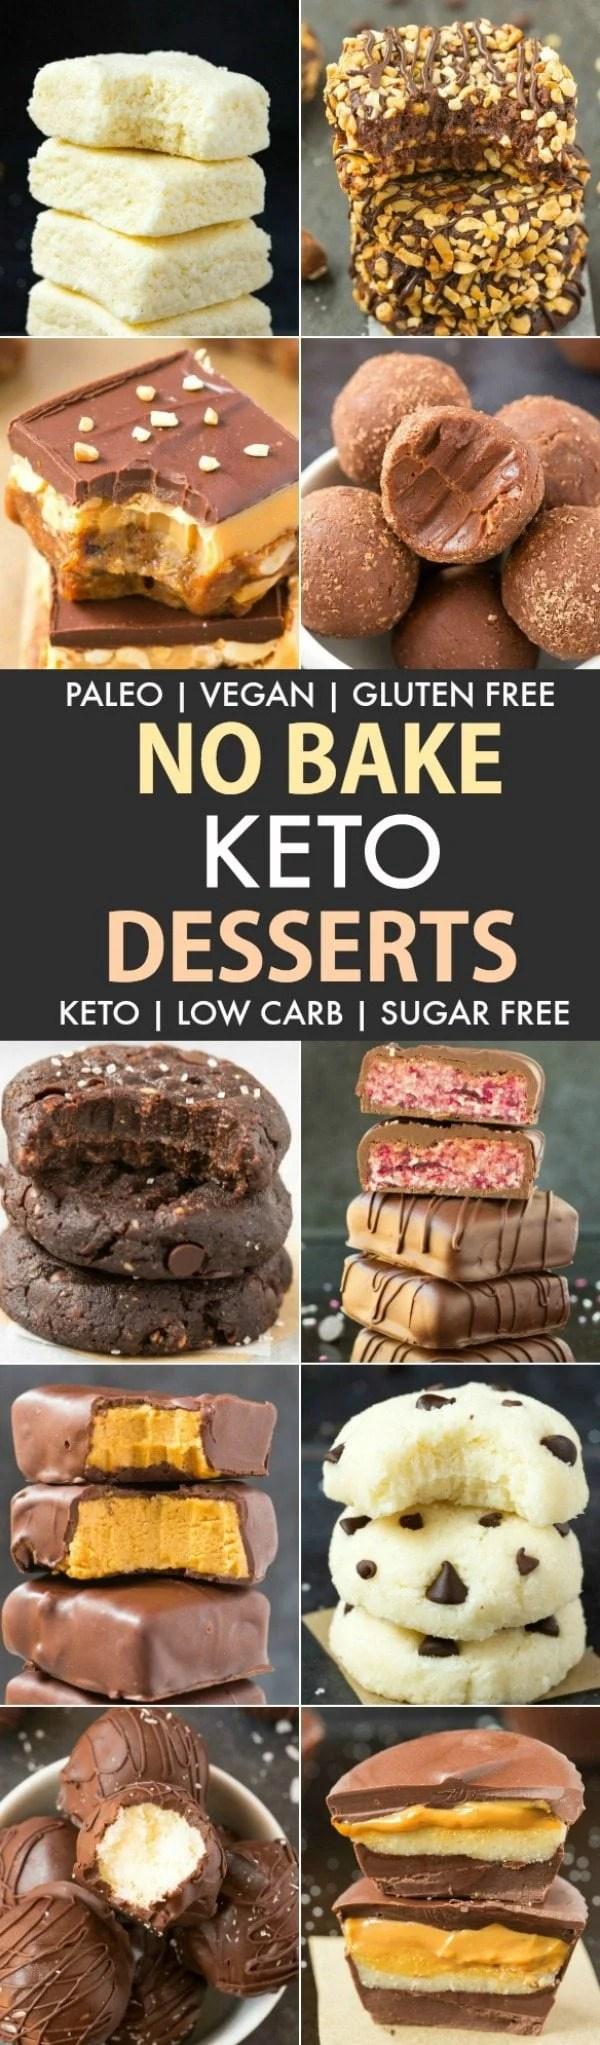 Easy Low Carb Keto No Bake Desserts